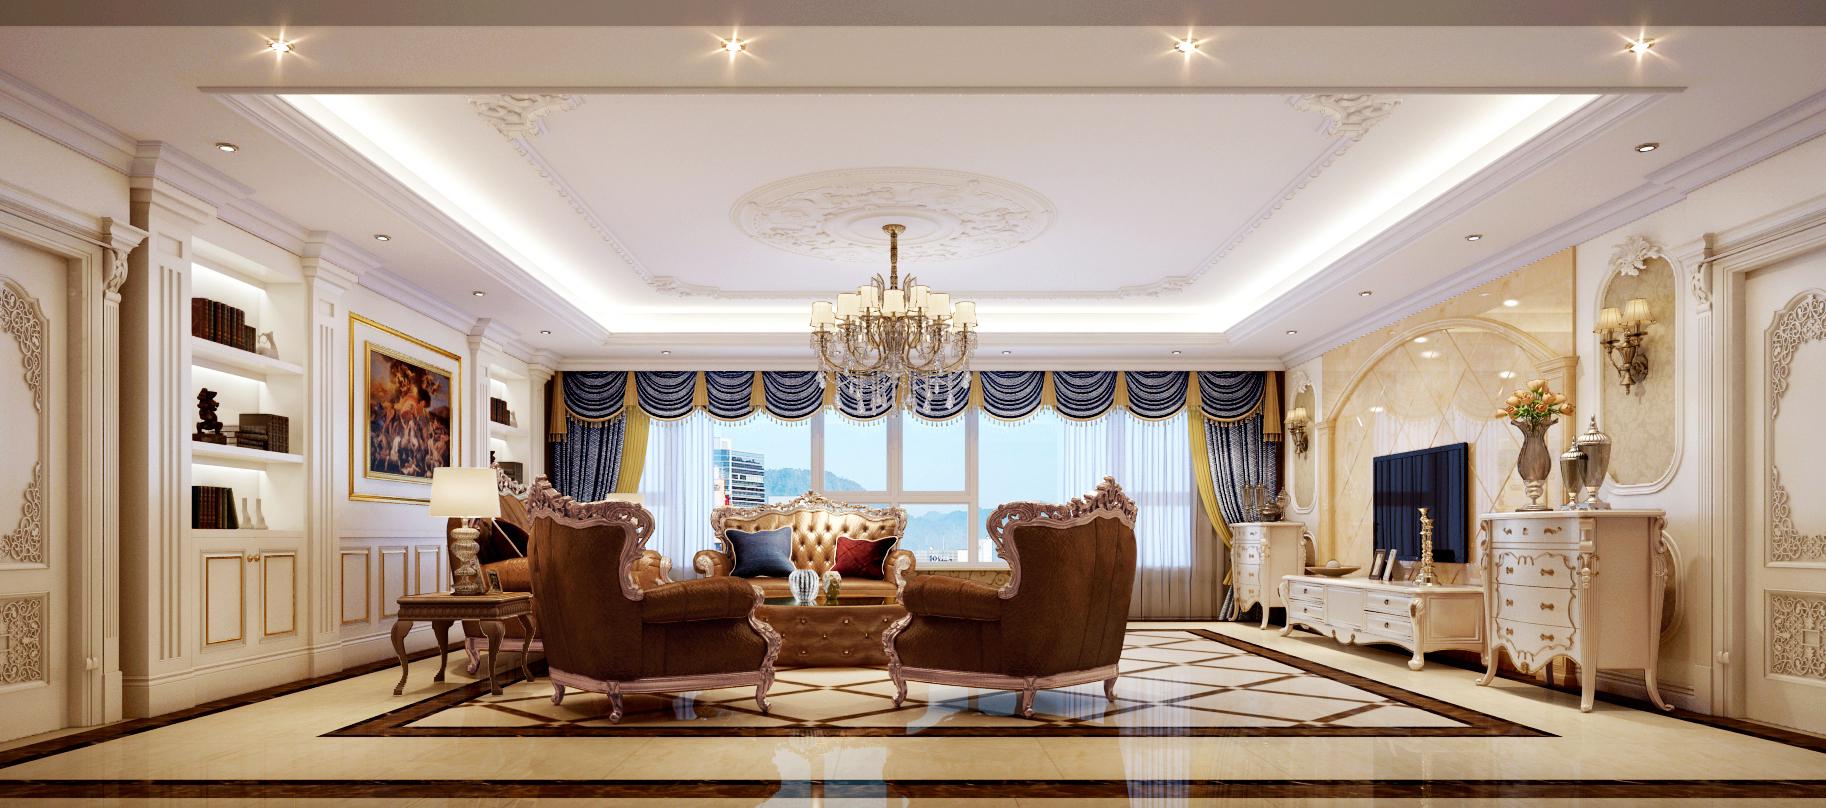 简欧风格四居室客厅吊顶装修效果图大全2014图片